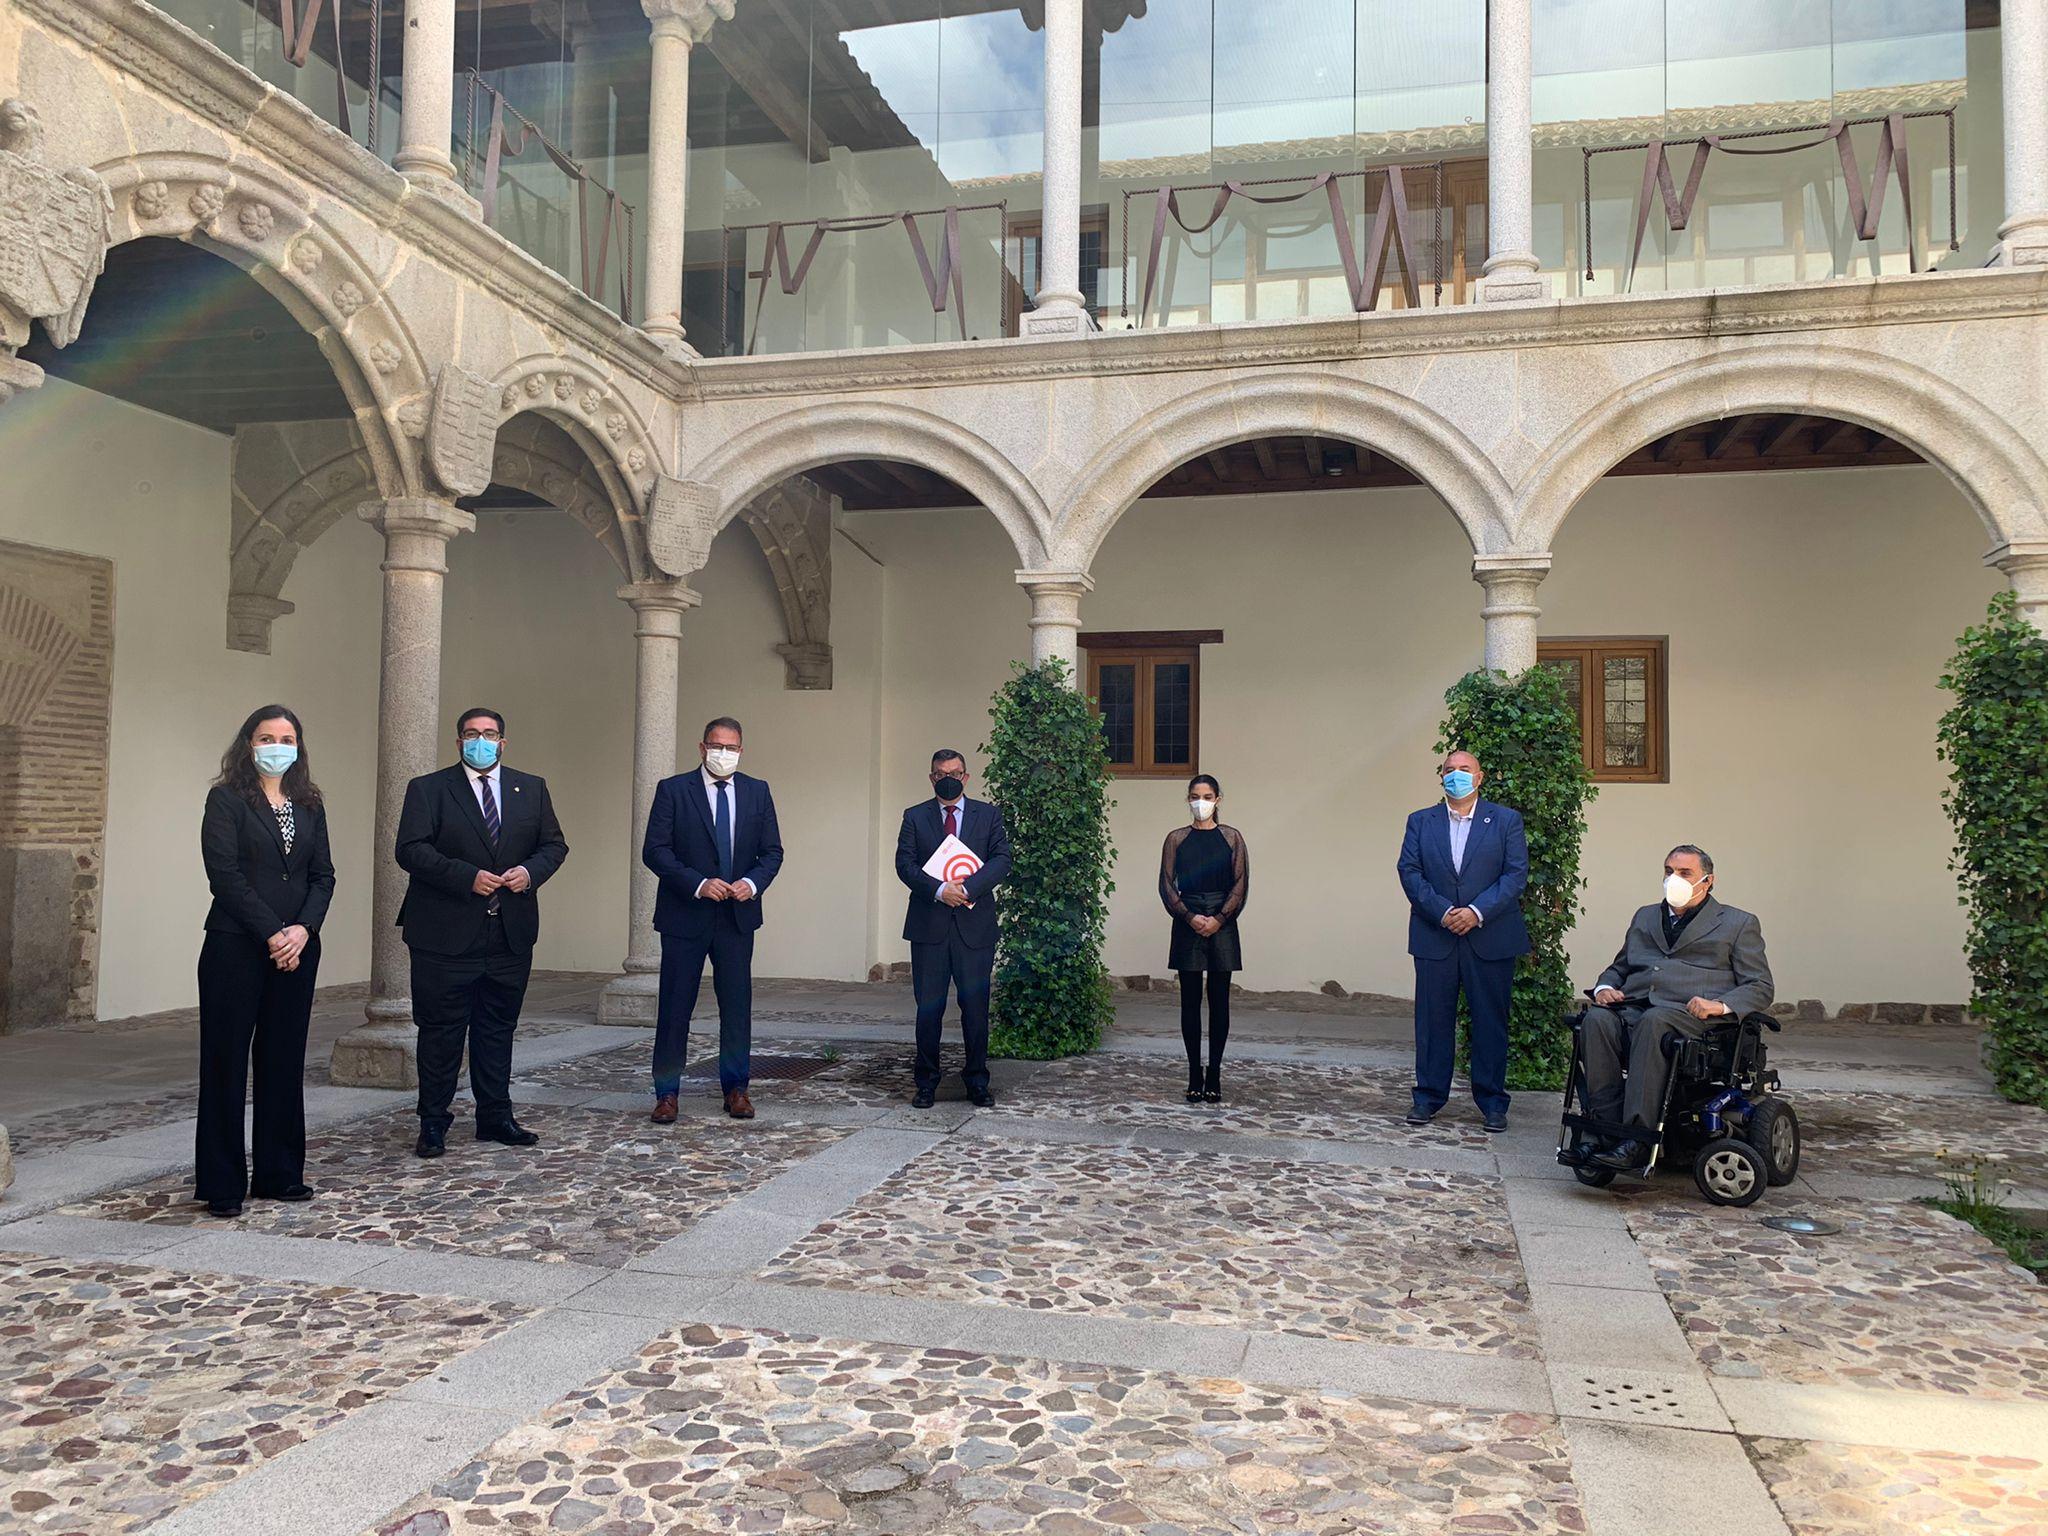 Toledo y las Ciudades Patrimonio apuestan por la inclusión y renuevan el convenio de colaboración con la Fundación ONCE